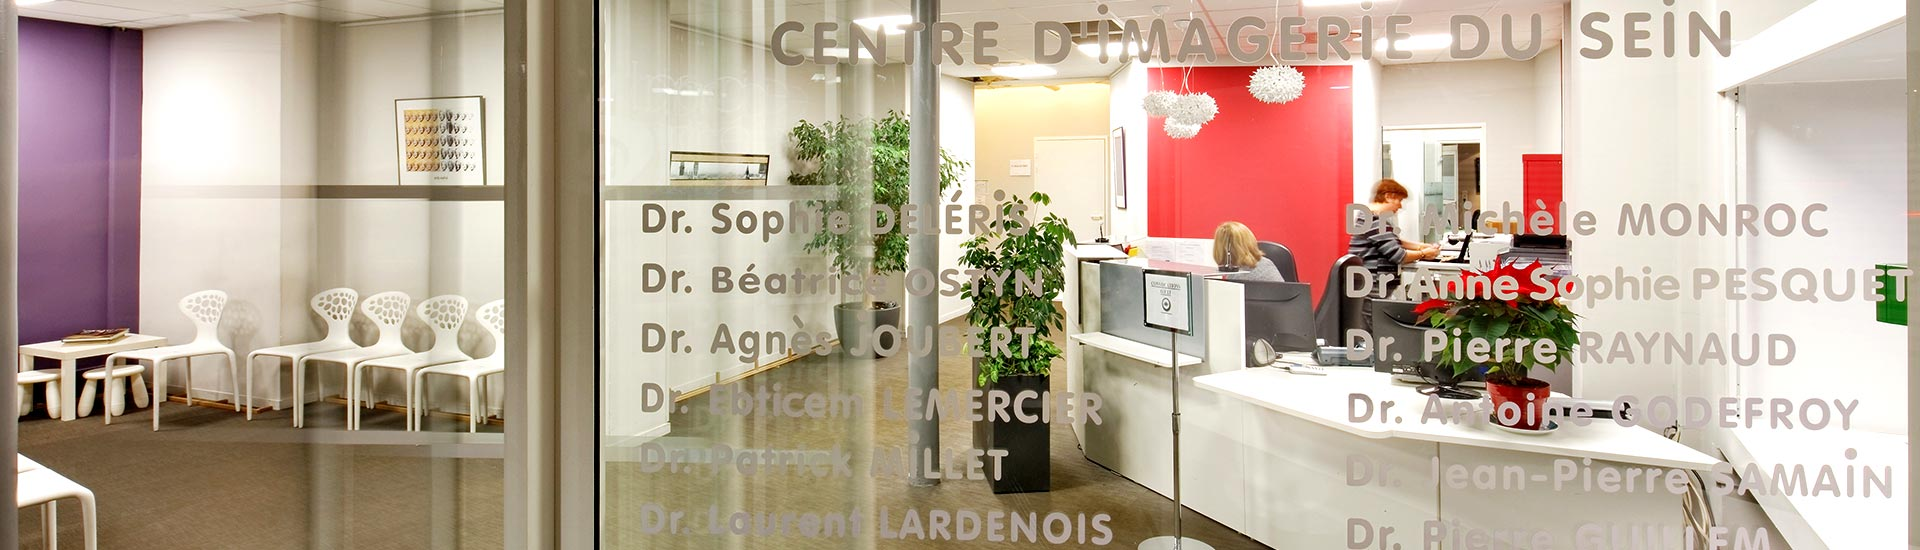 Centre d imagerie m dicale des beaux arts - Cabinet radiologie rouen ...